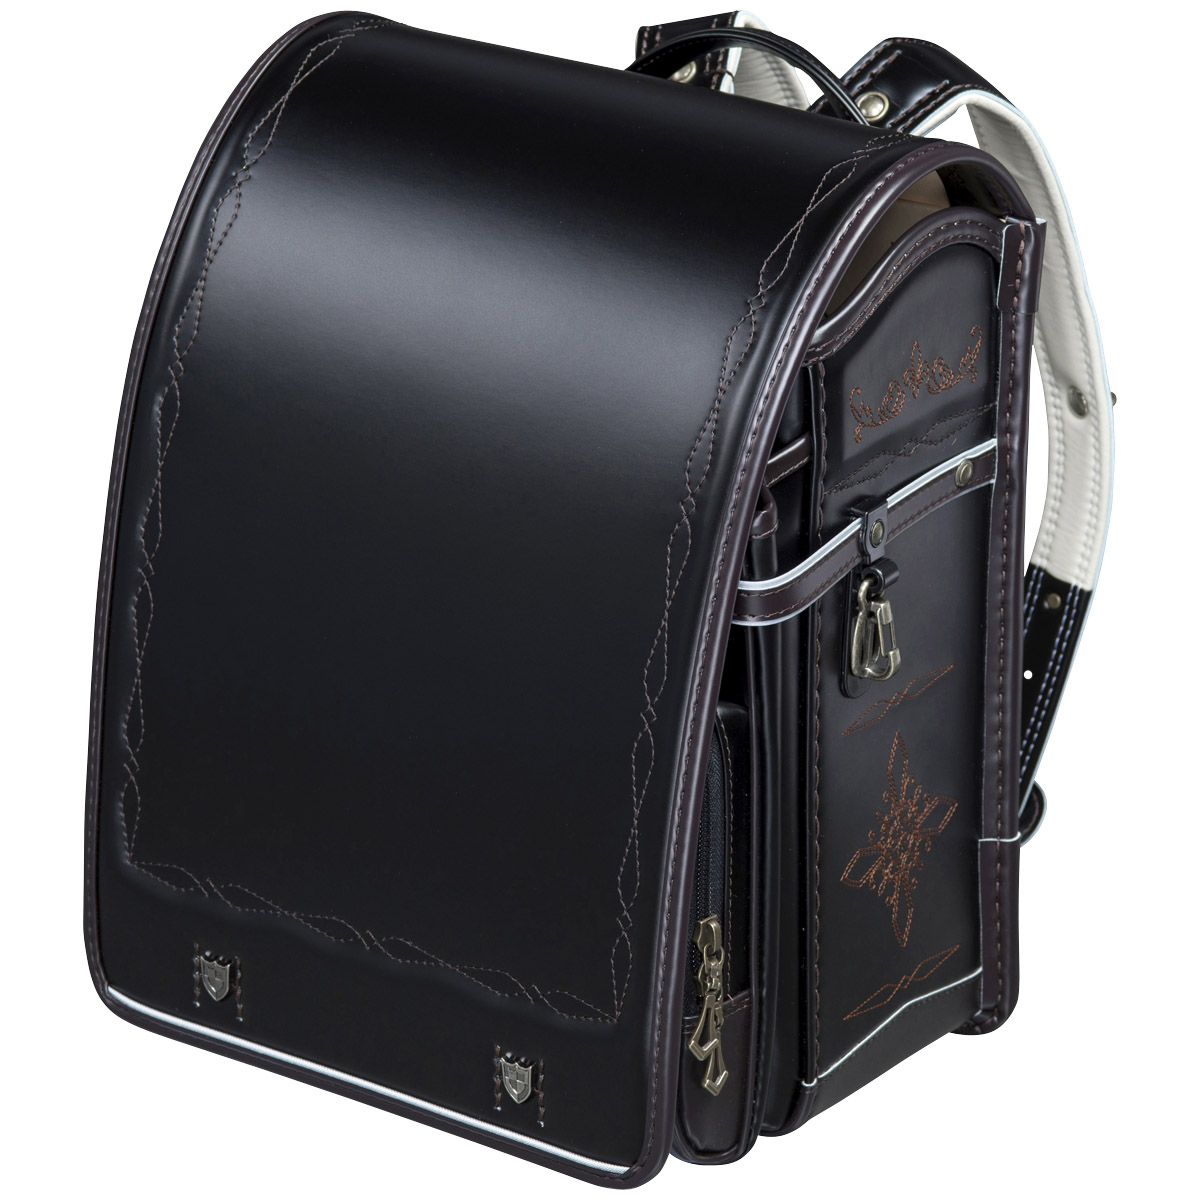 【アウトレット】プレミアムフィットちゃんランドセル ナイト騎士(FIT-816)A4フラットファイル収納サイズ